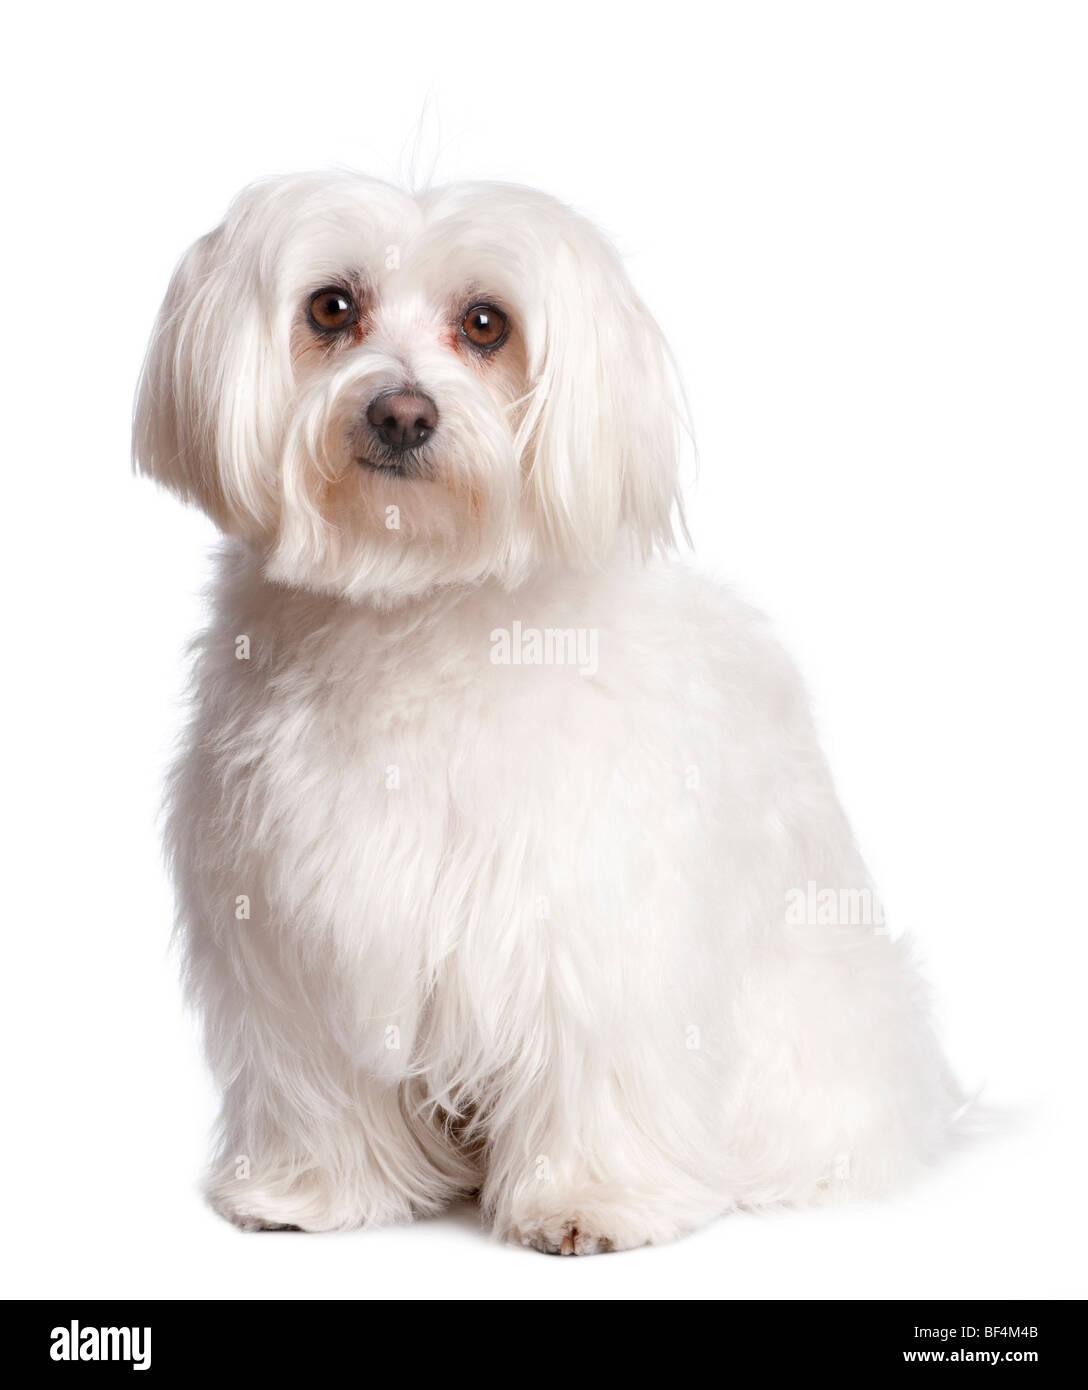 Ritratto di cane maltese davanti a uno sfondo bianco, studio shot Immagini Stock